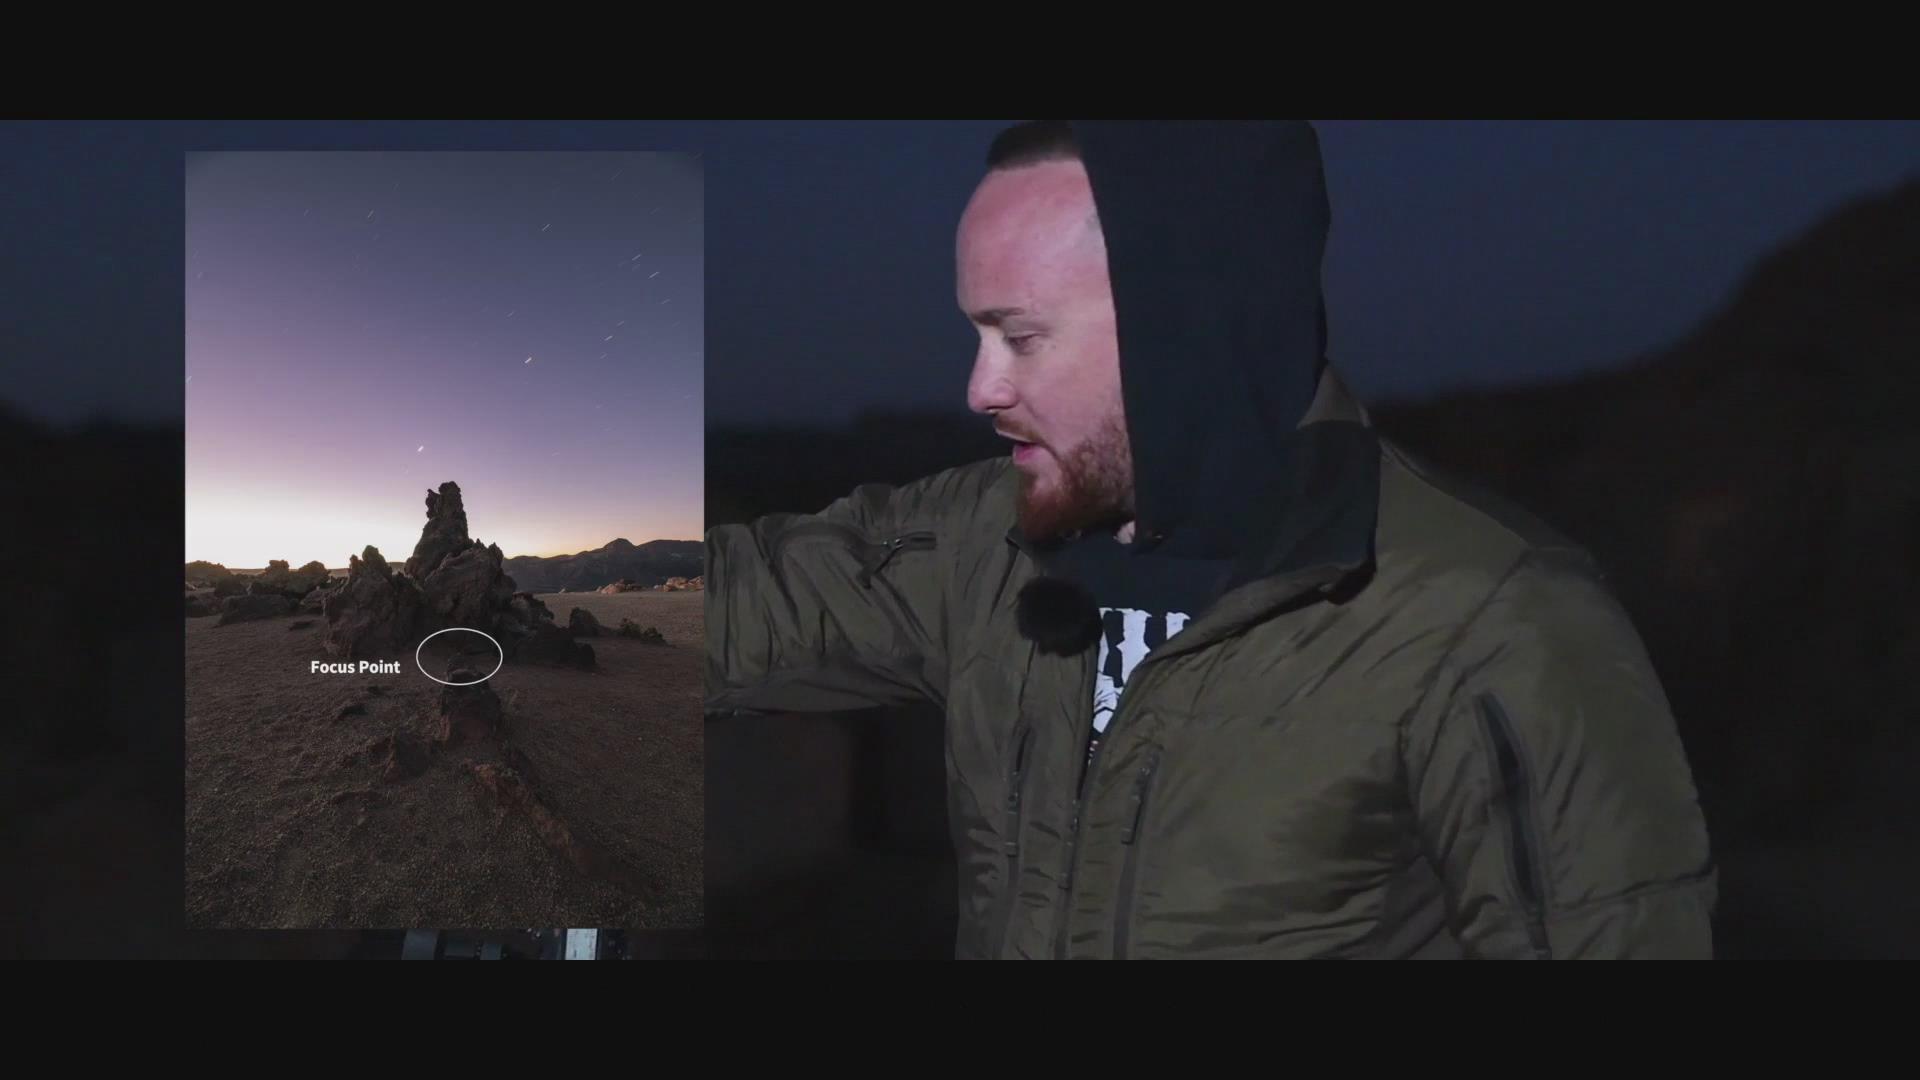 摄影教程_Fabio Antenore-超级真实银河系夜景风光摄影及后期附扩展素材-中英字幕 摄影教程 _预览图18